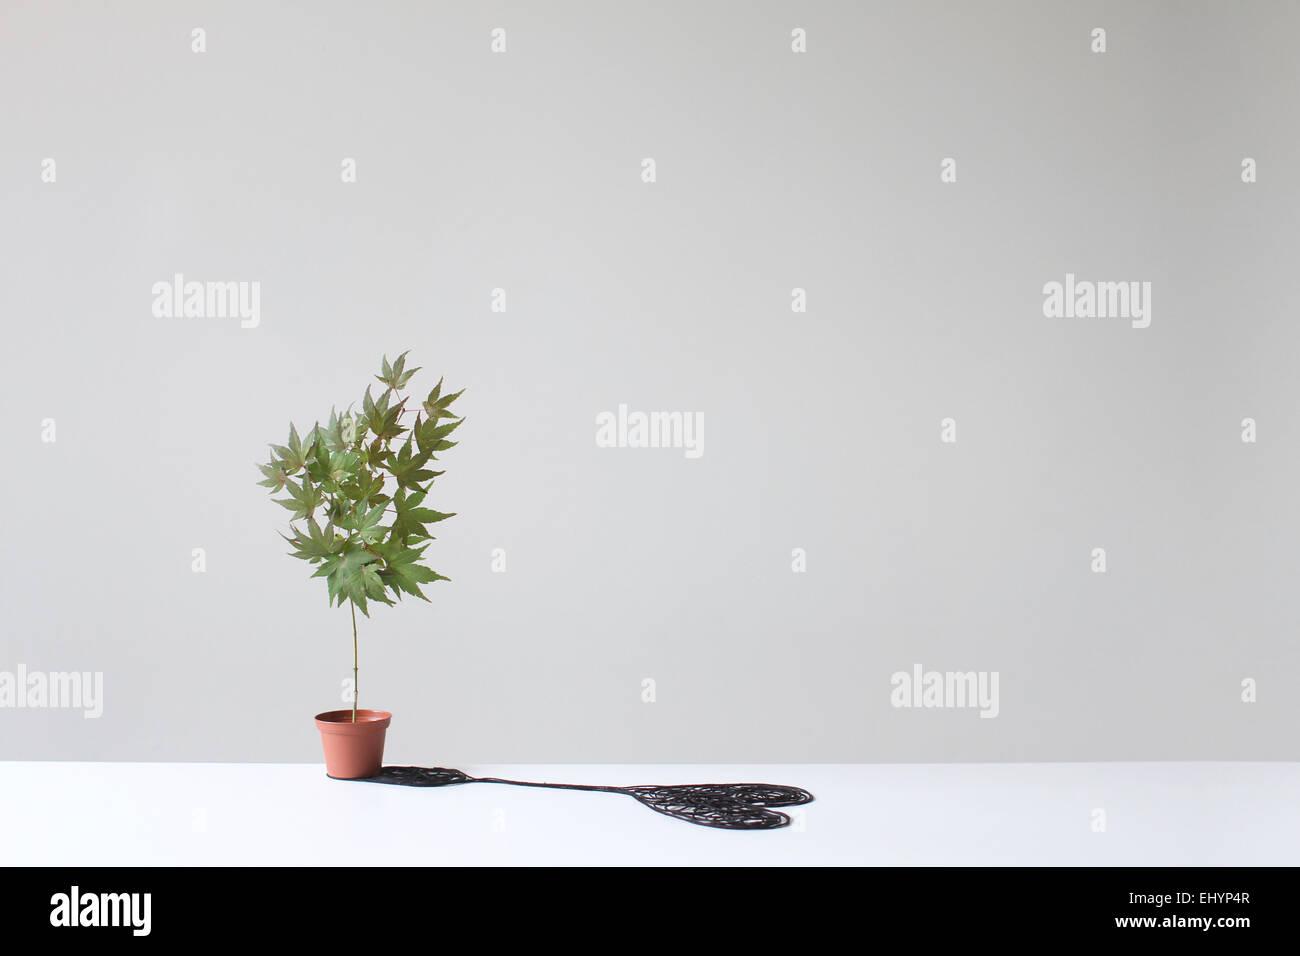 Baum in einem Topf wirft einen herzförmigen Schatten auf einem Tisch Stockbild